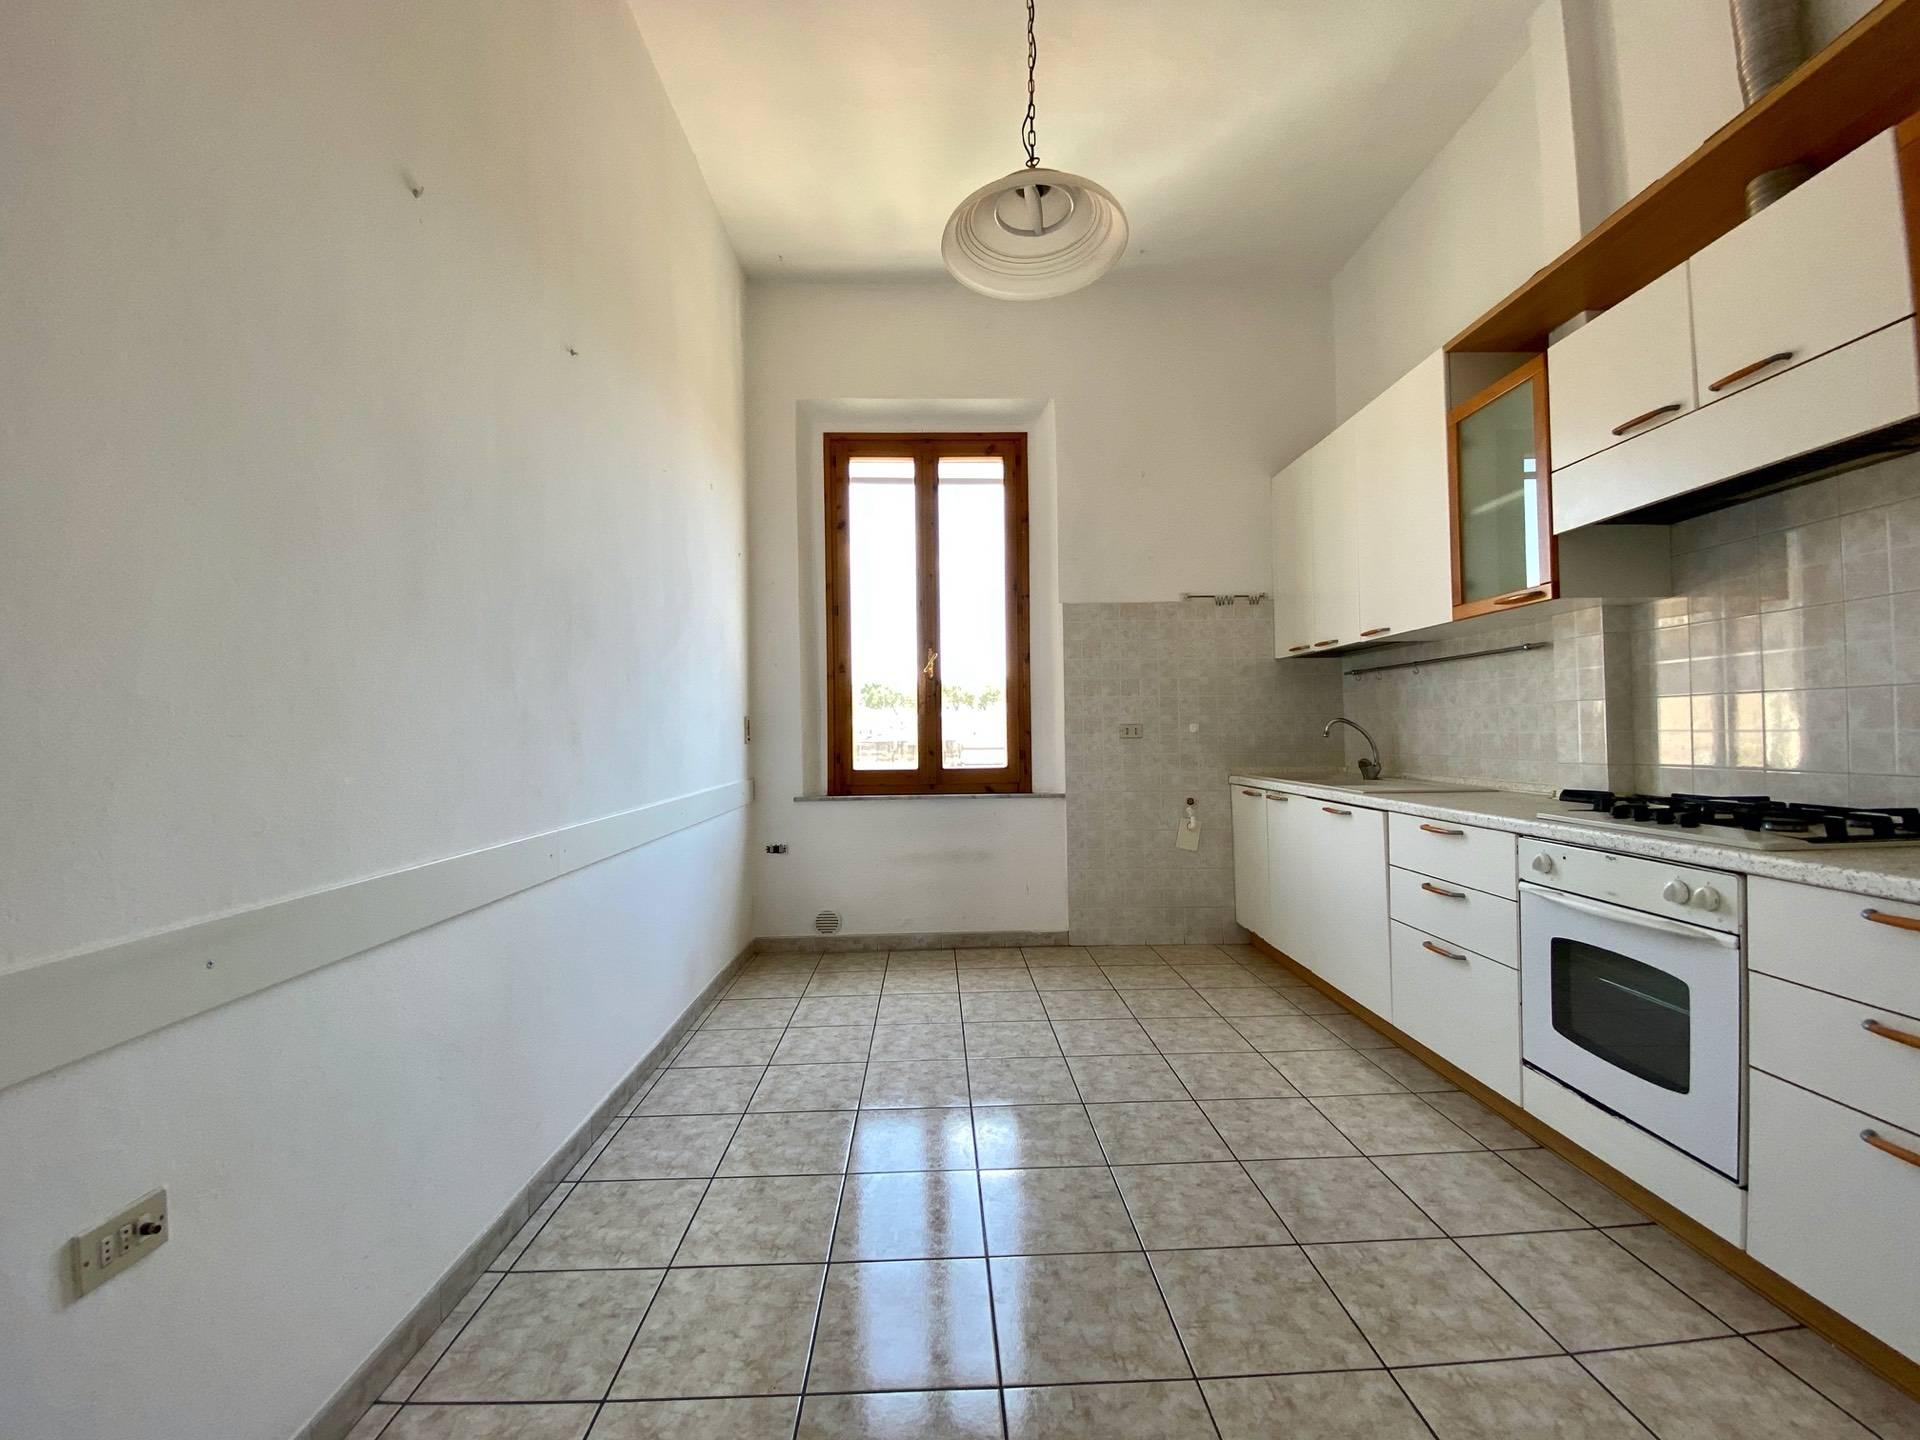 Appartamento in vendita a Empoli, 4 locali, prezzo € 135.000 | CambioCasa.it